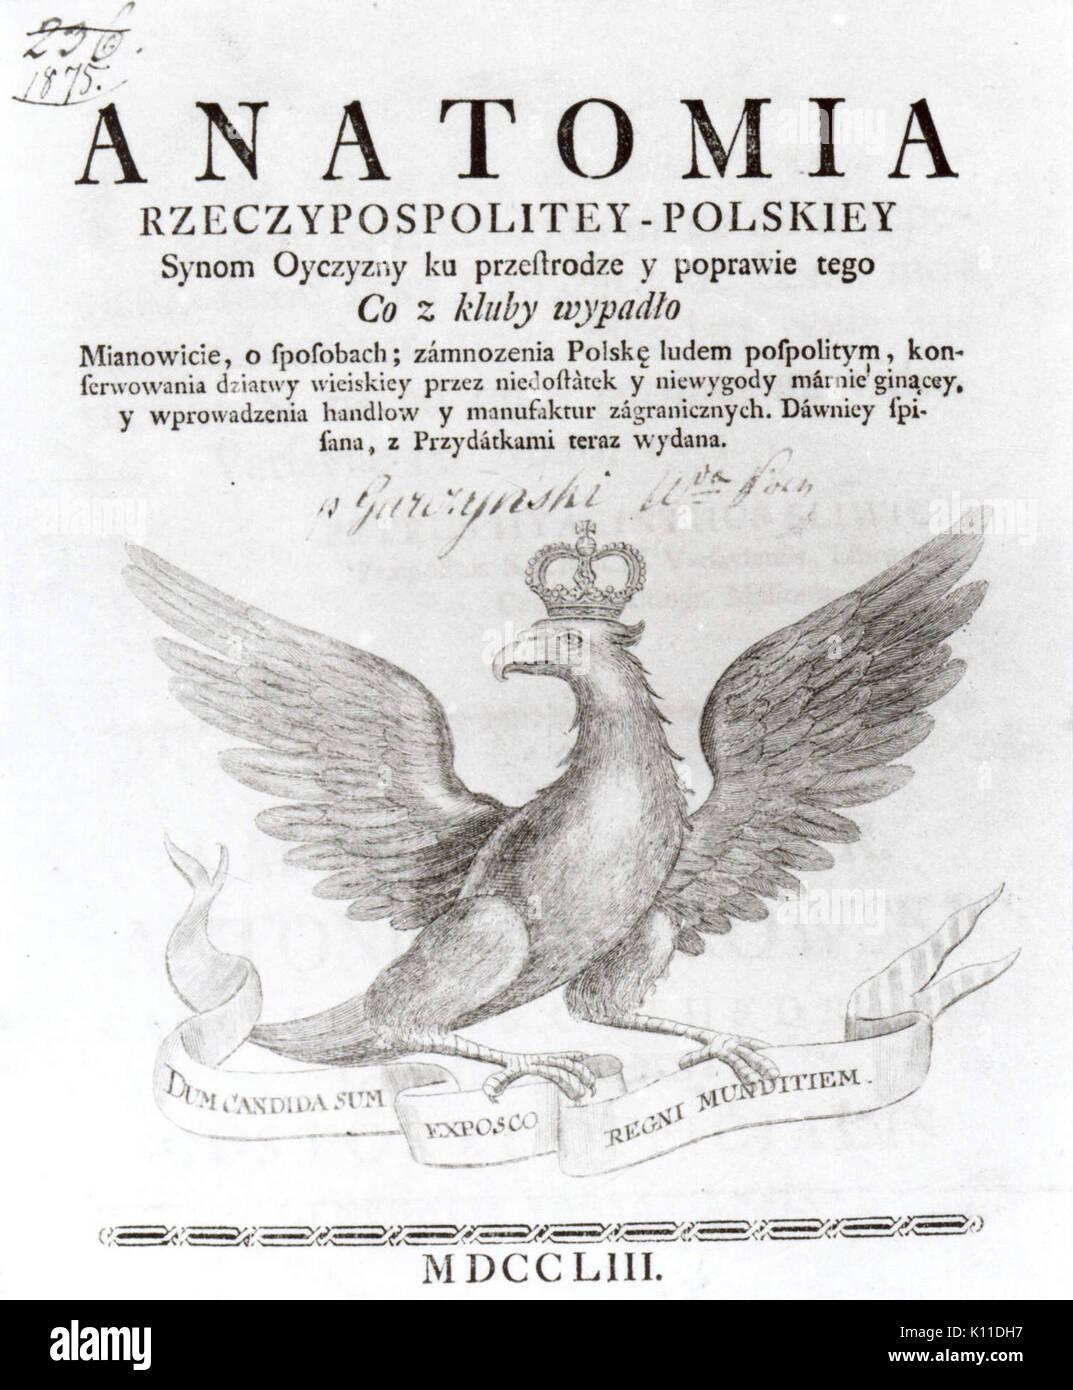 Anatomia Rzeczypospolitey Polskiej Immagini Stock